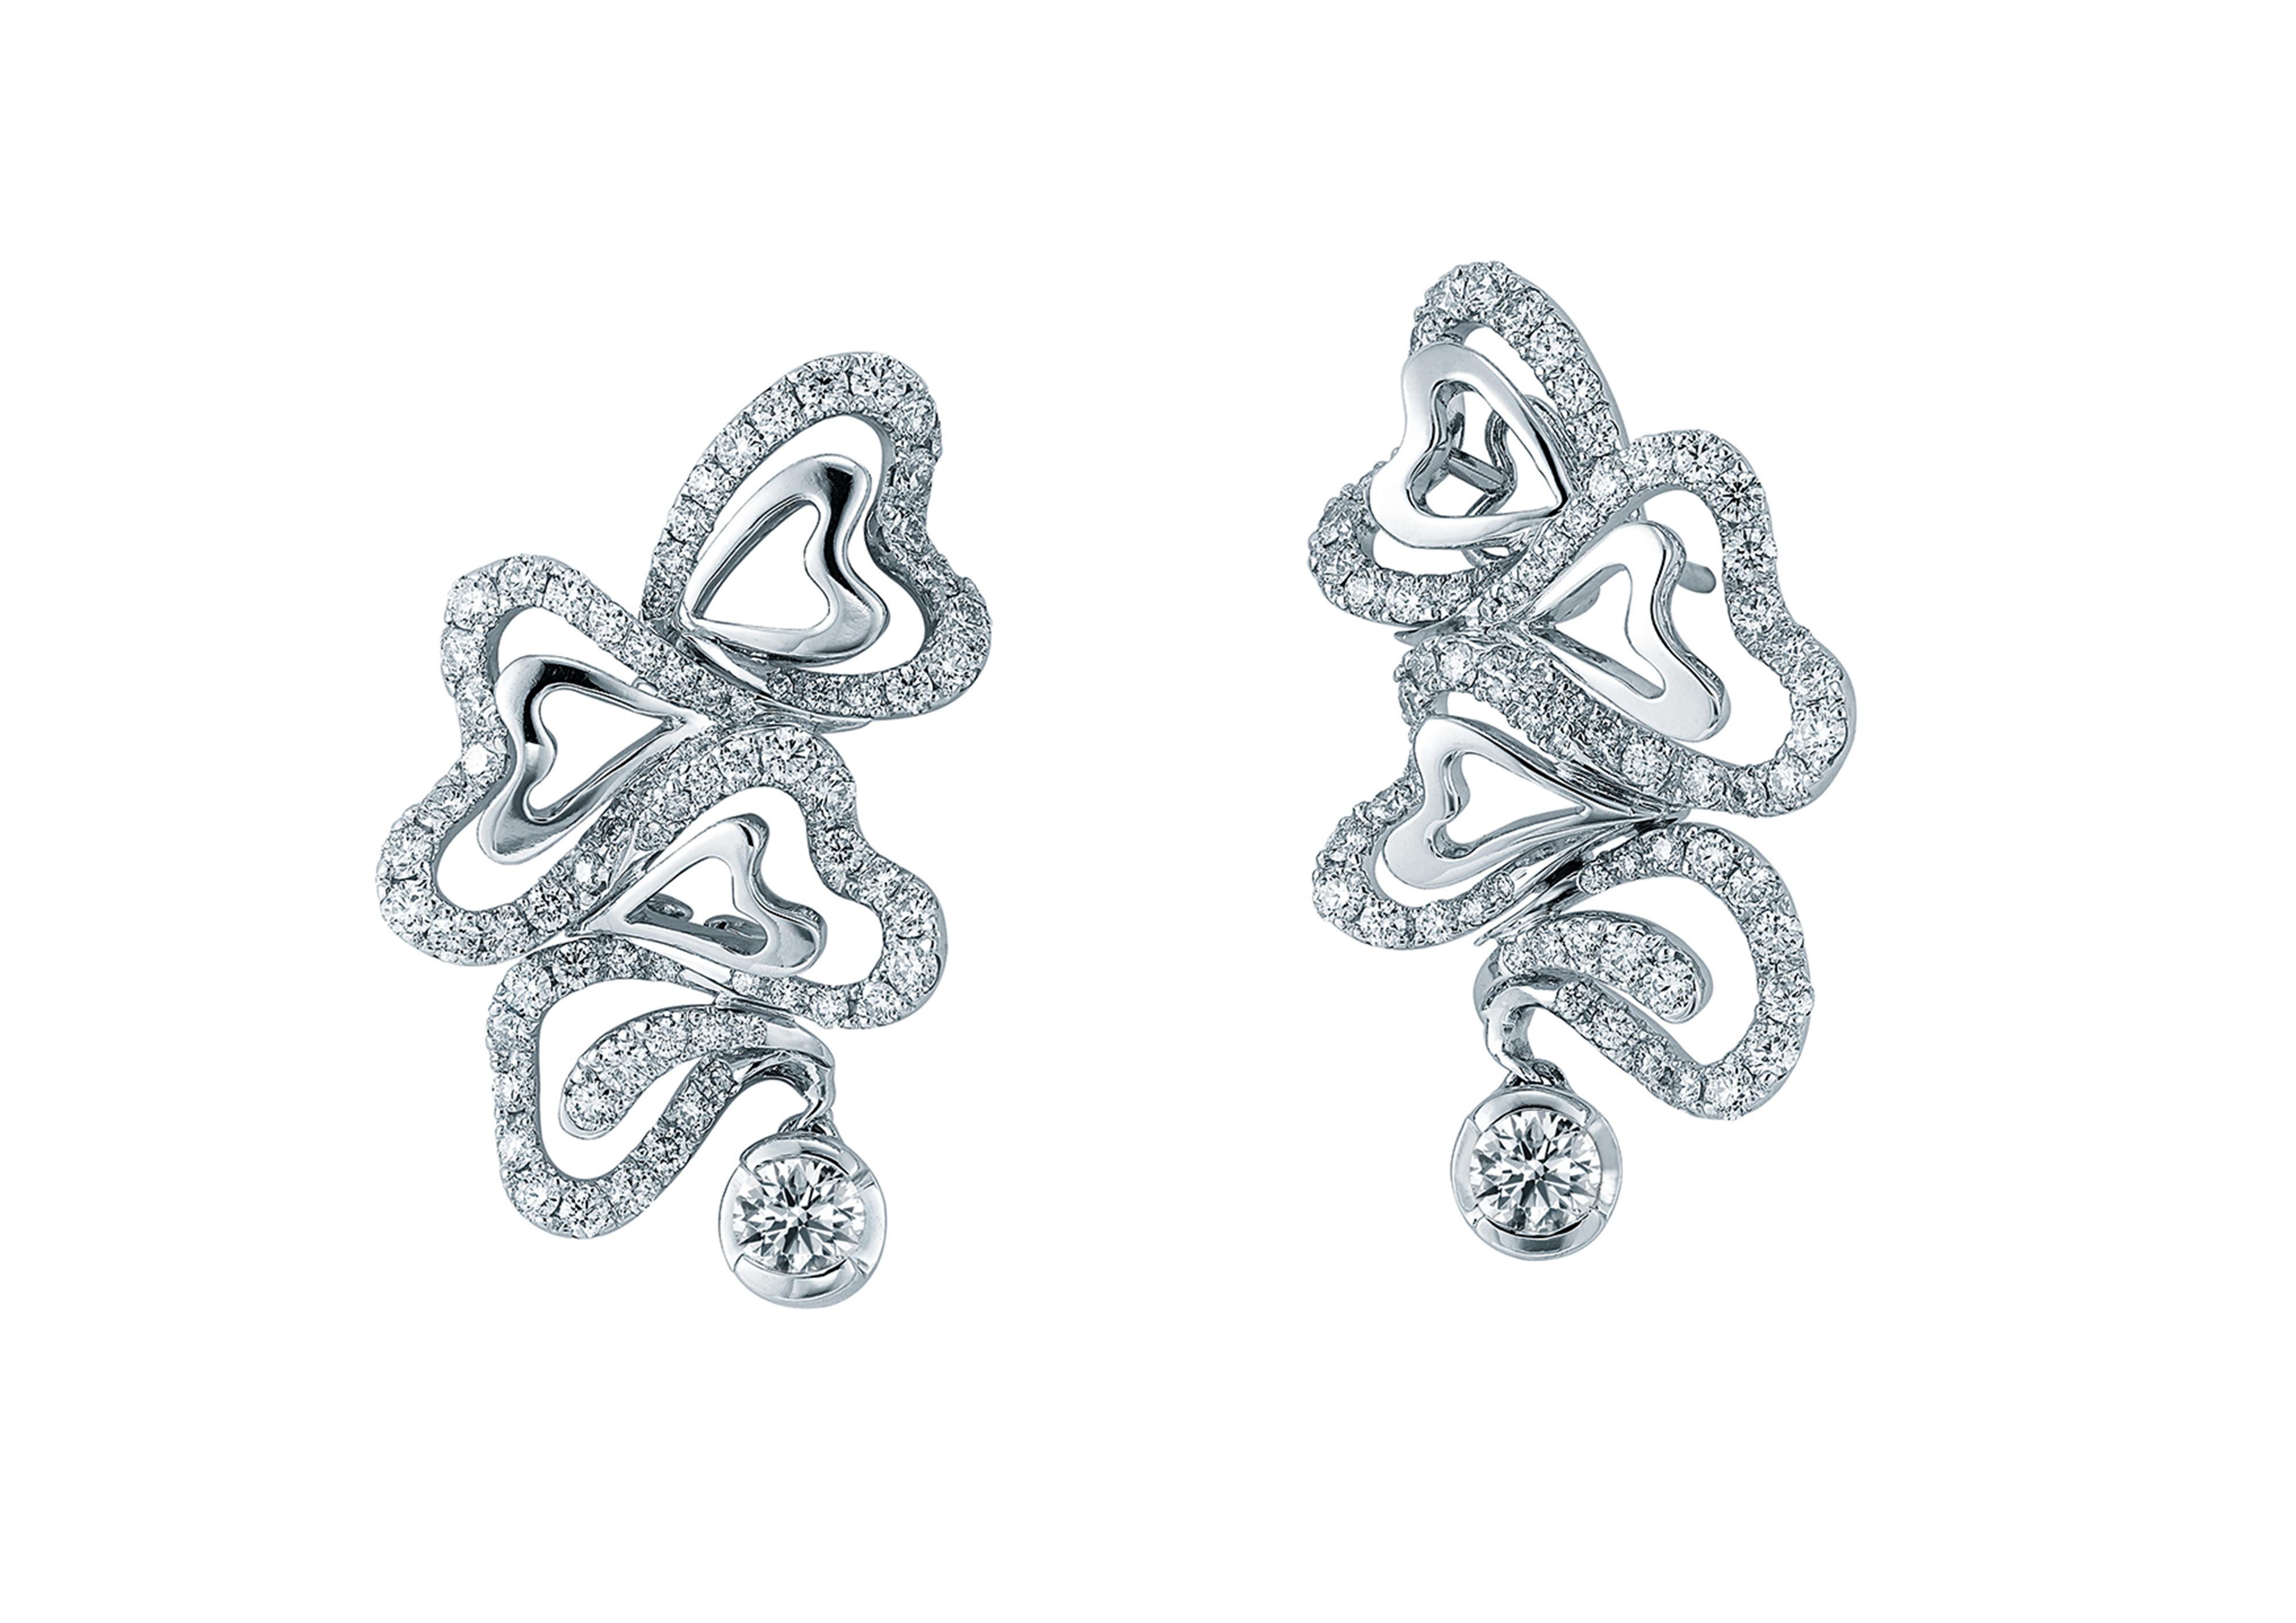 時尚系列夢幻耳環,鑲有146顆共重2.469卡鑽石。一顆閃爍主鑽被以碎鑽盤成的一個個愛心交織着,每個美鑽愛心再環抱一顆白金愛心,蘊含夢幻般的浪漫和詩意。